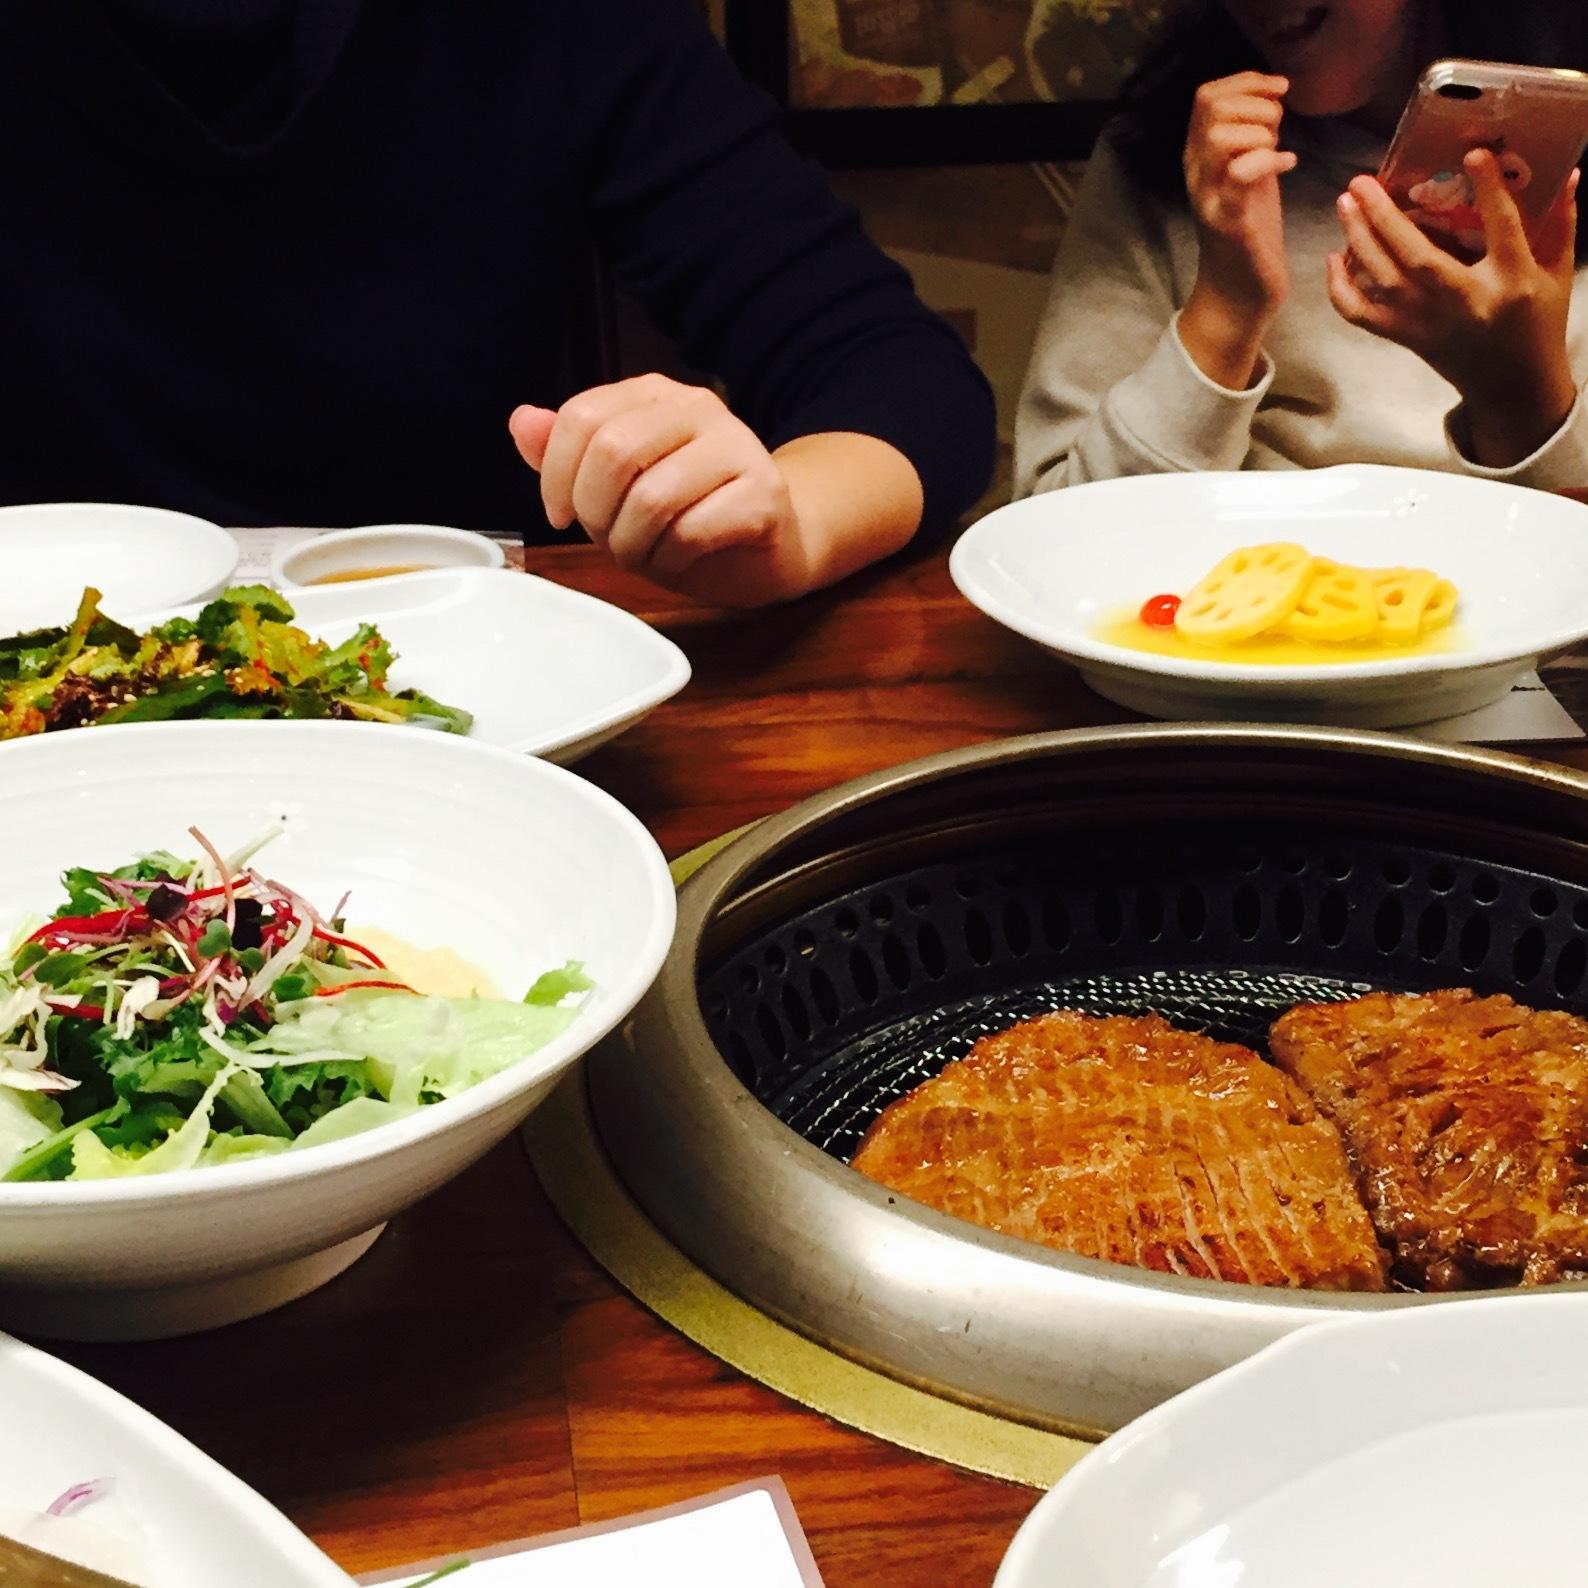 小学生連れソウル 5 夕食は絶品デジカルビ「ソンチュカマコル」_f0054260_21361755.jpg